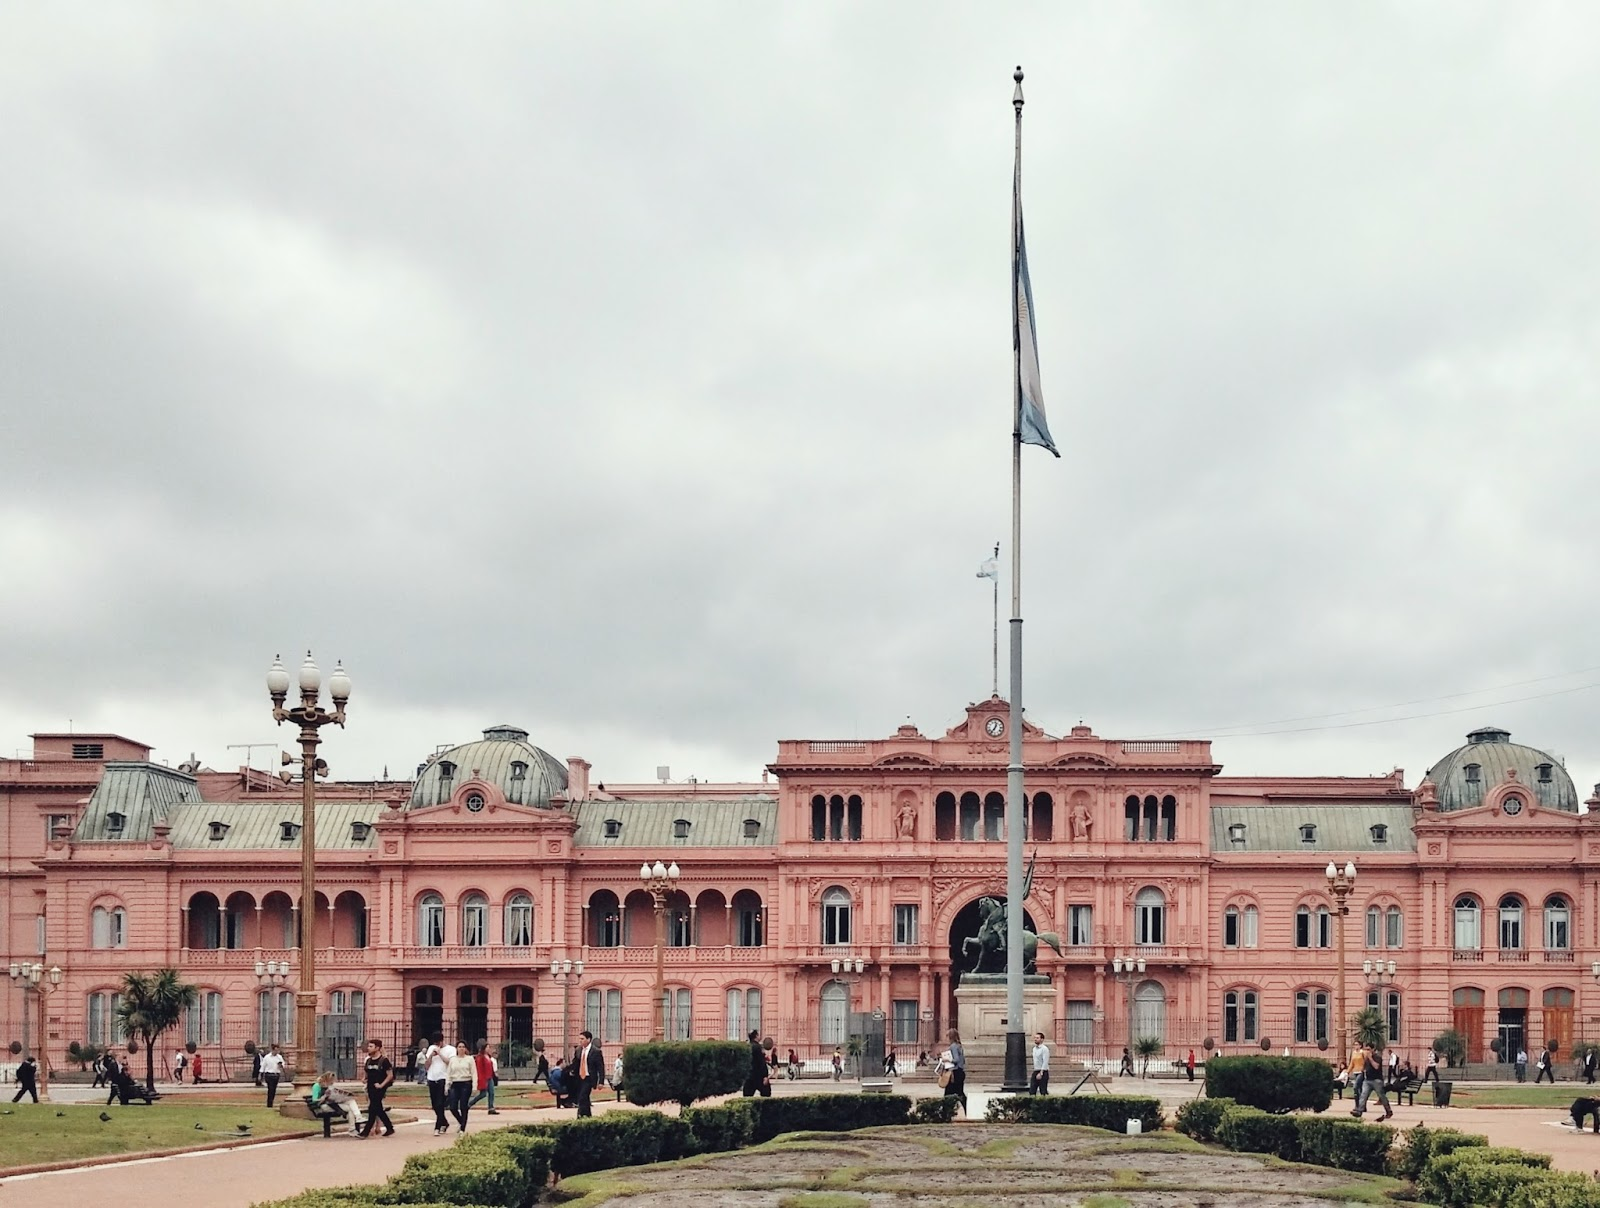 ¿Por qué la Casa Rosada es rosa? y juega a #colorsoloparami